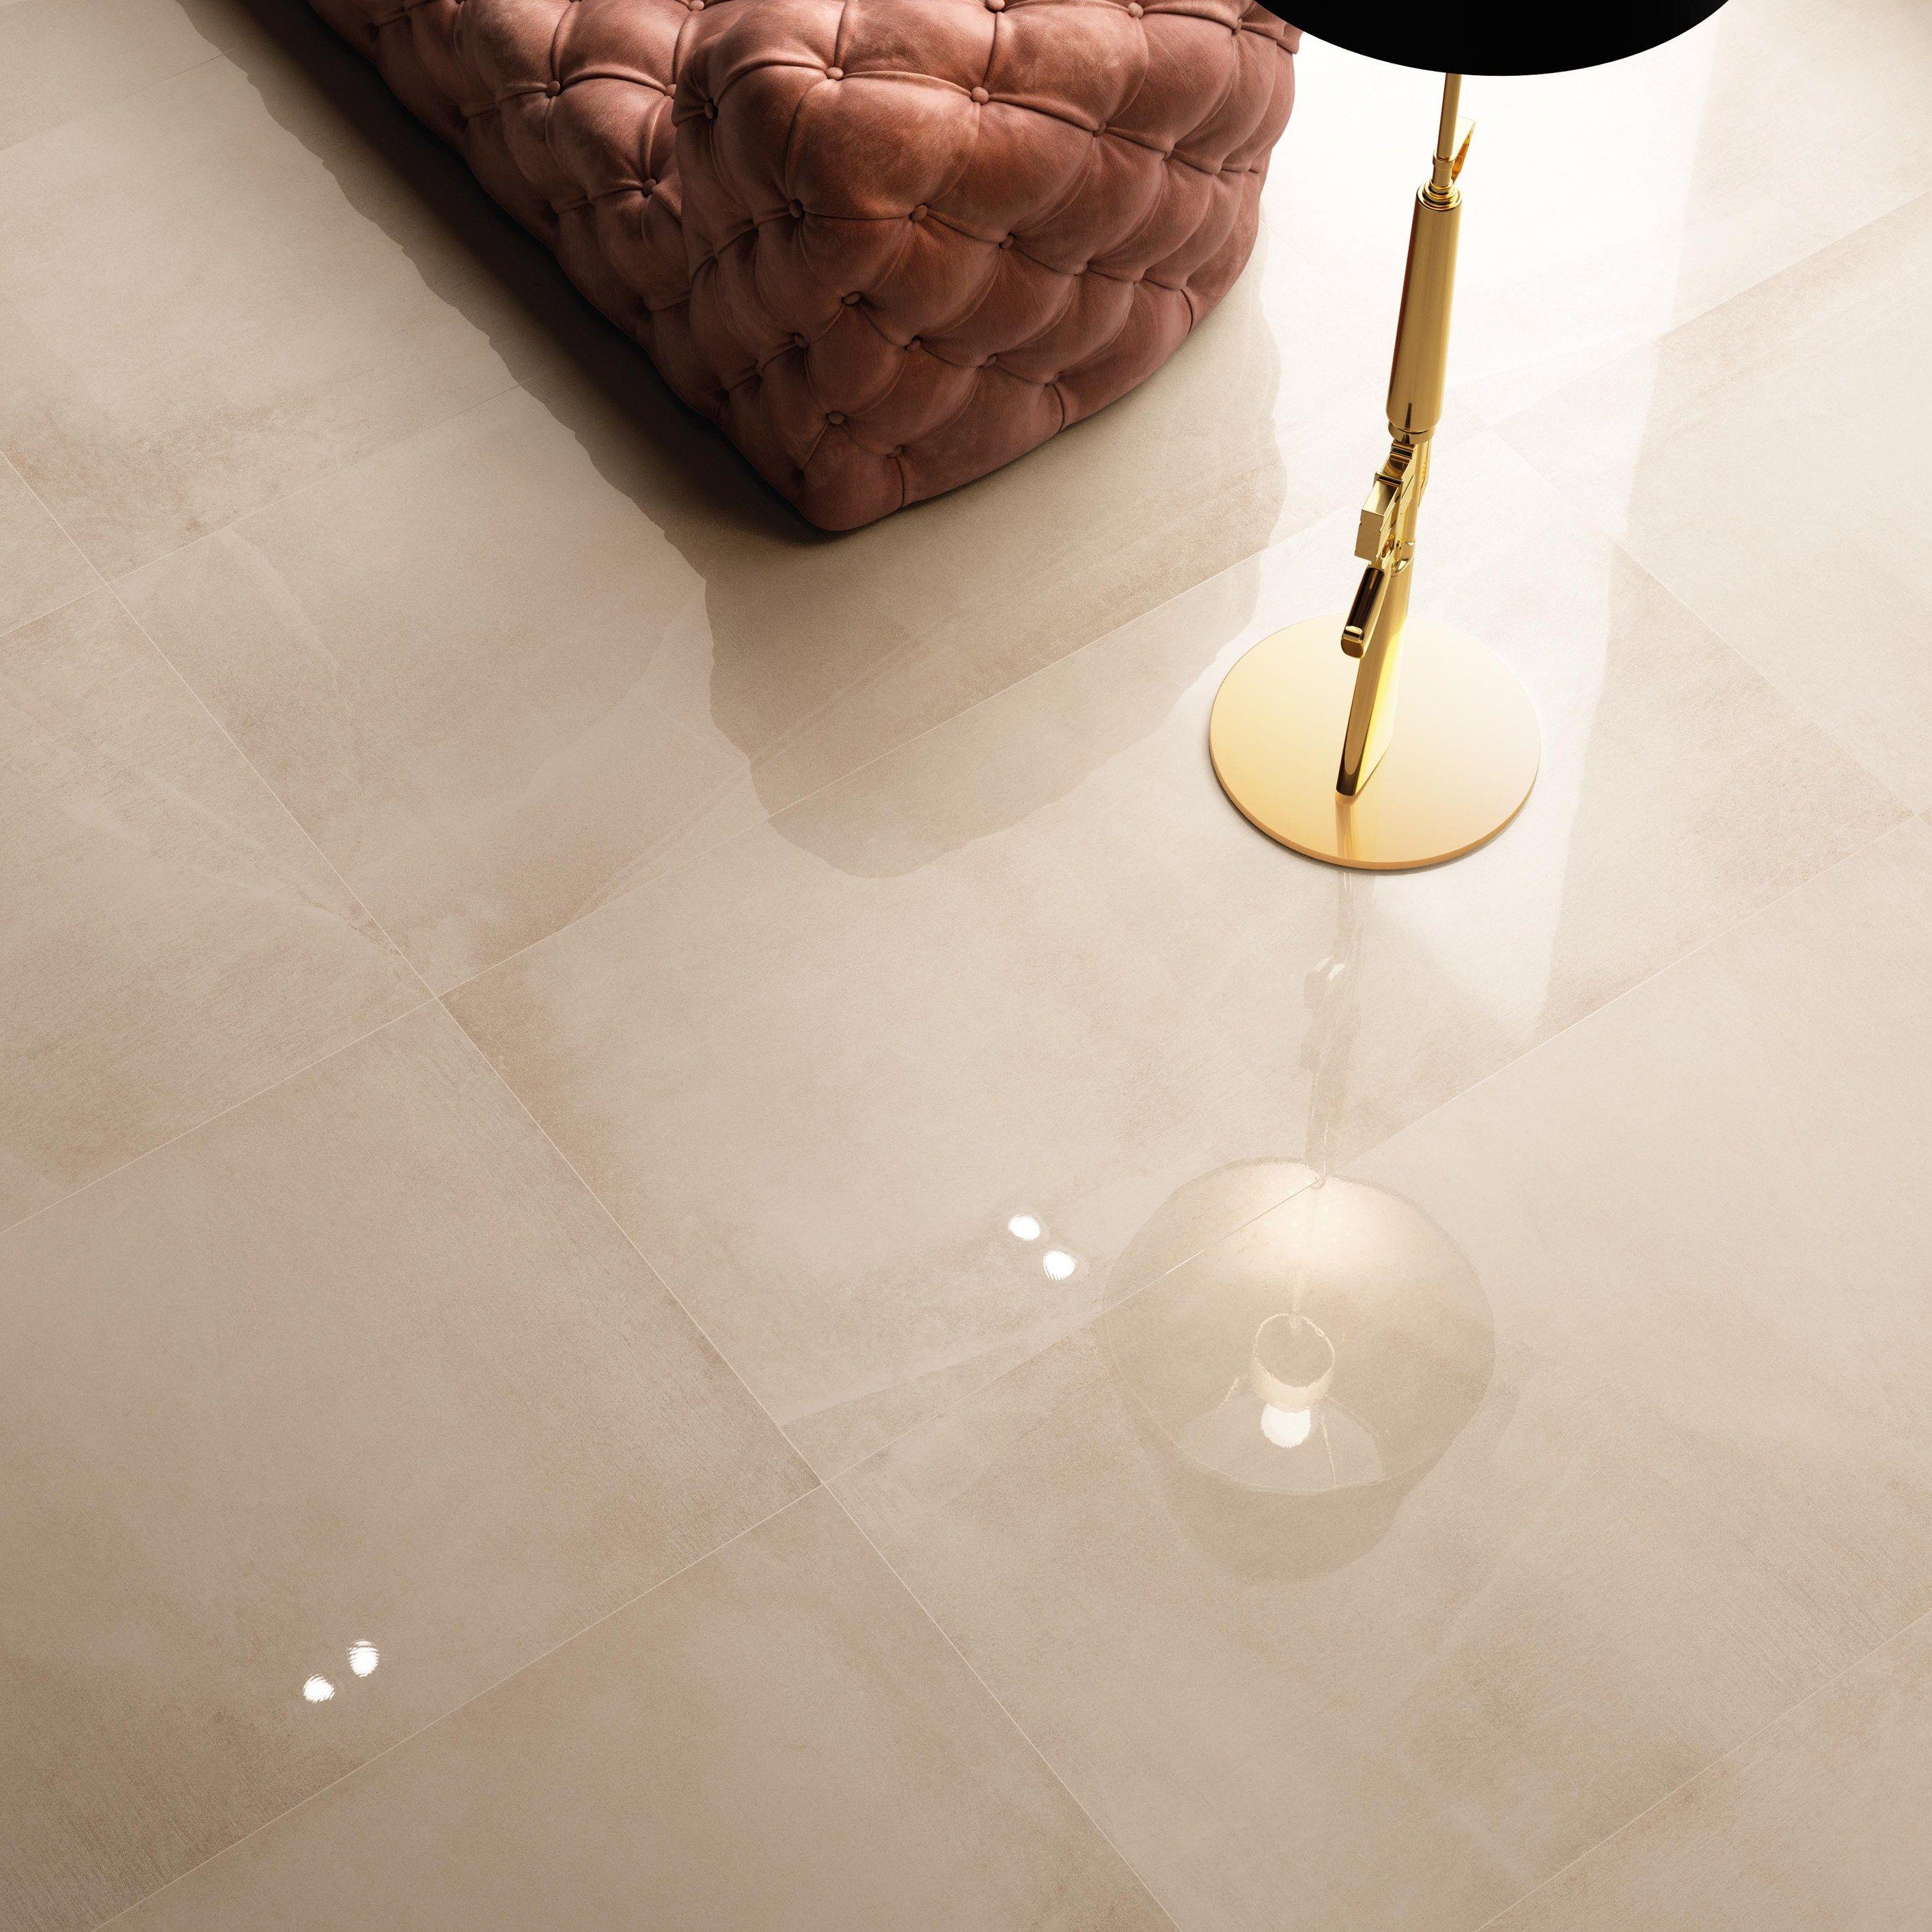 pavimento rivestimento in gres porcellanato effetto pietra. Black Bedroom Furniture Sets. Home Design Ideas